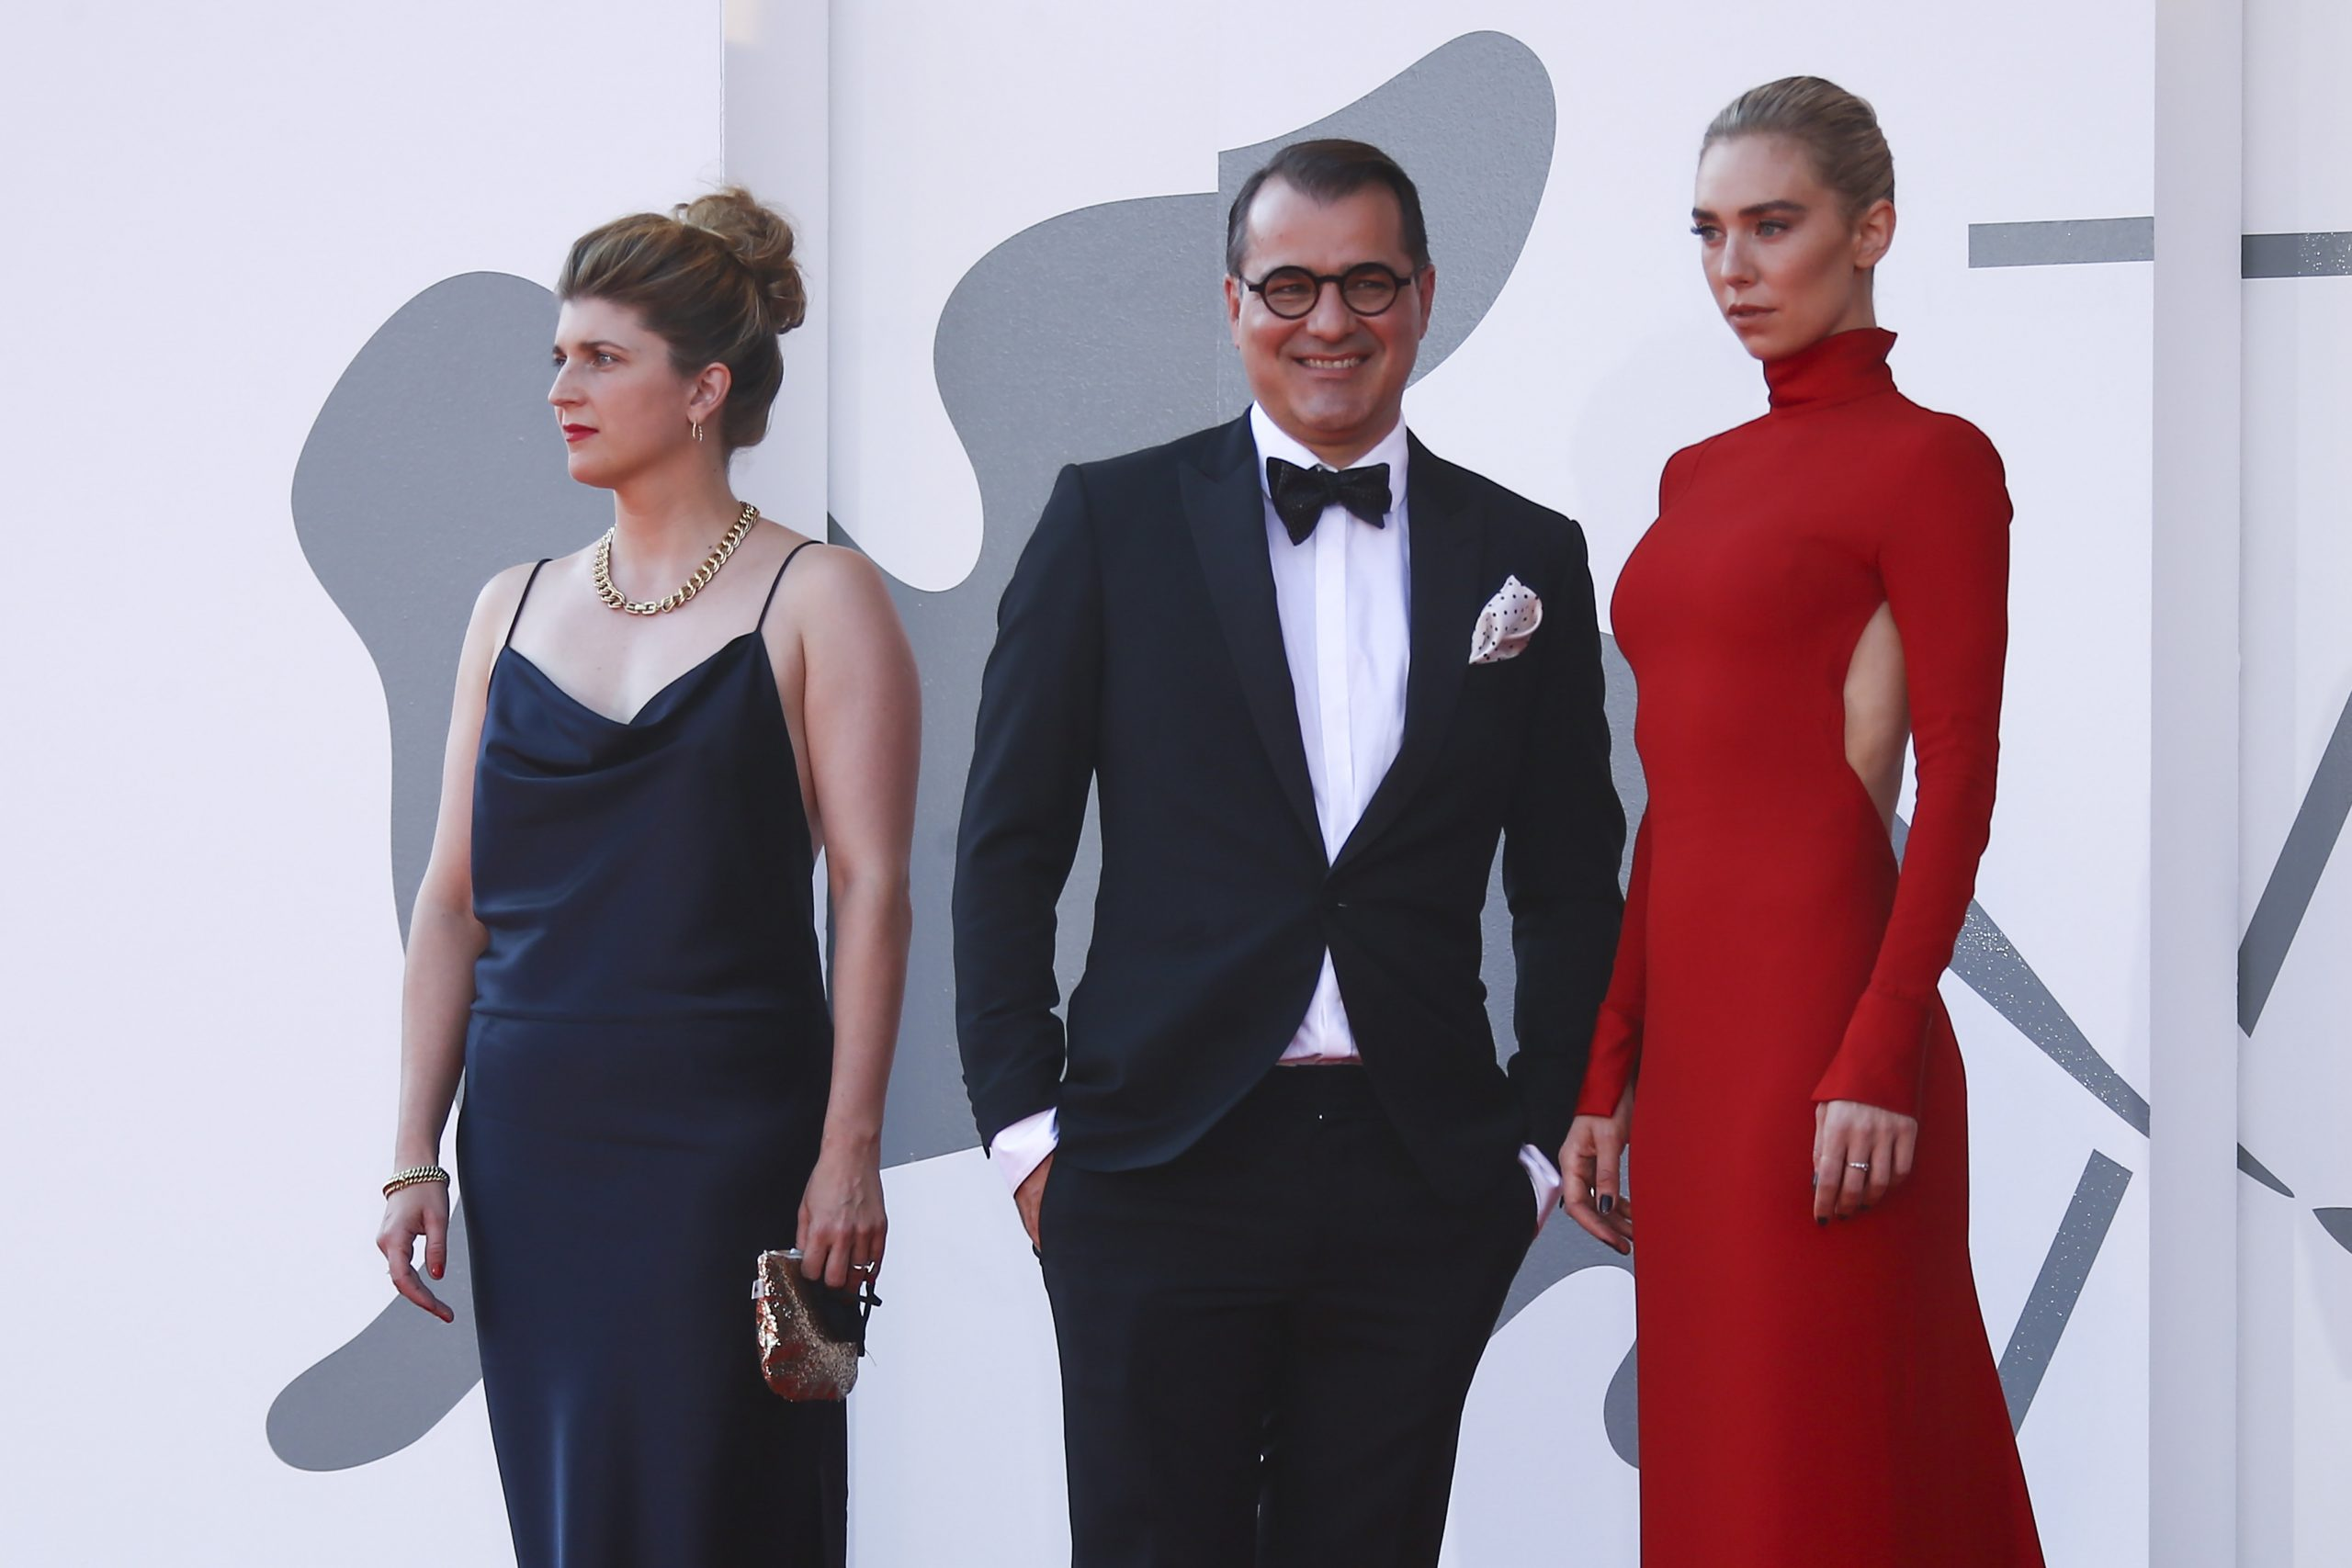 Großer Erfolg: Mundruczós Film erhielt Auszeichnung in Venedig post's picture